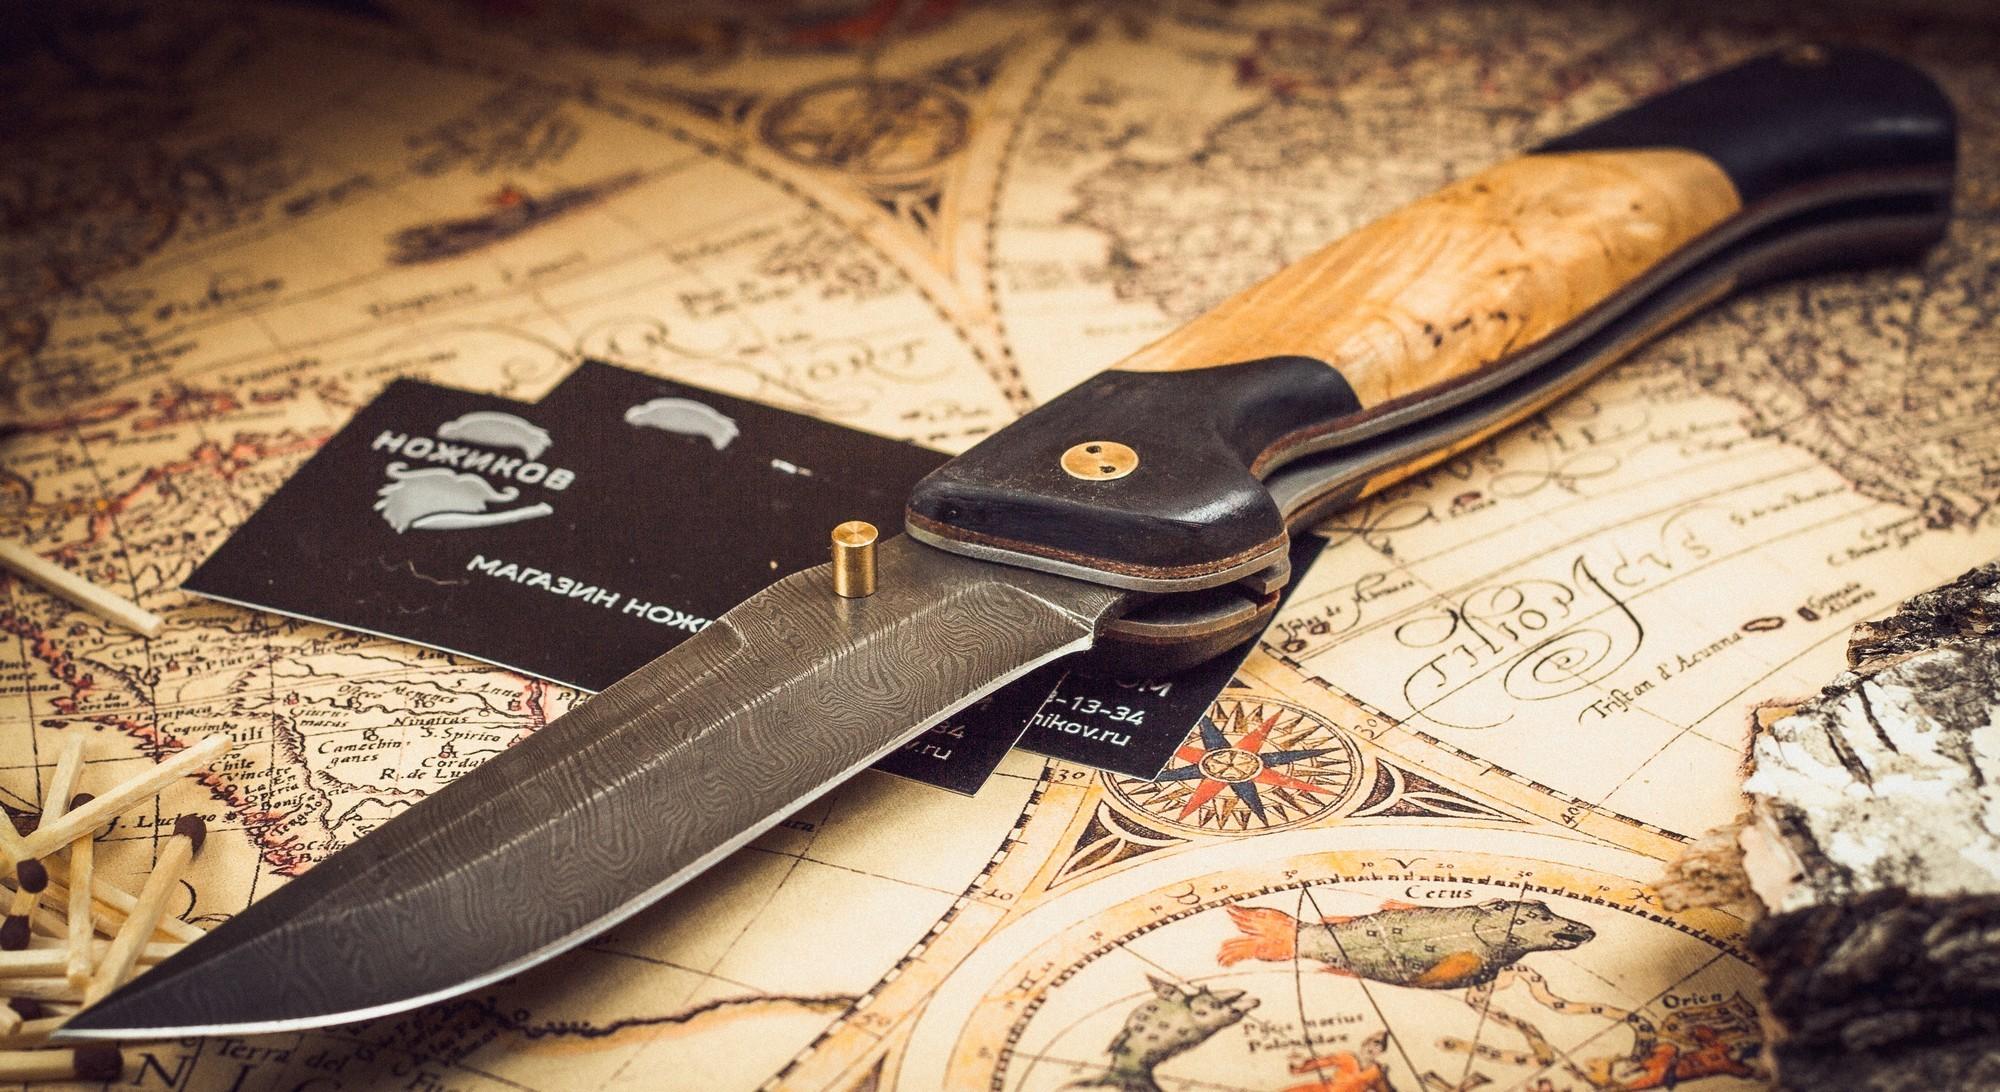 Фото 3 - Складной нож Актай-2, дамаск, карельская береза от Марычев